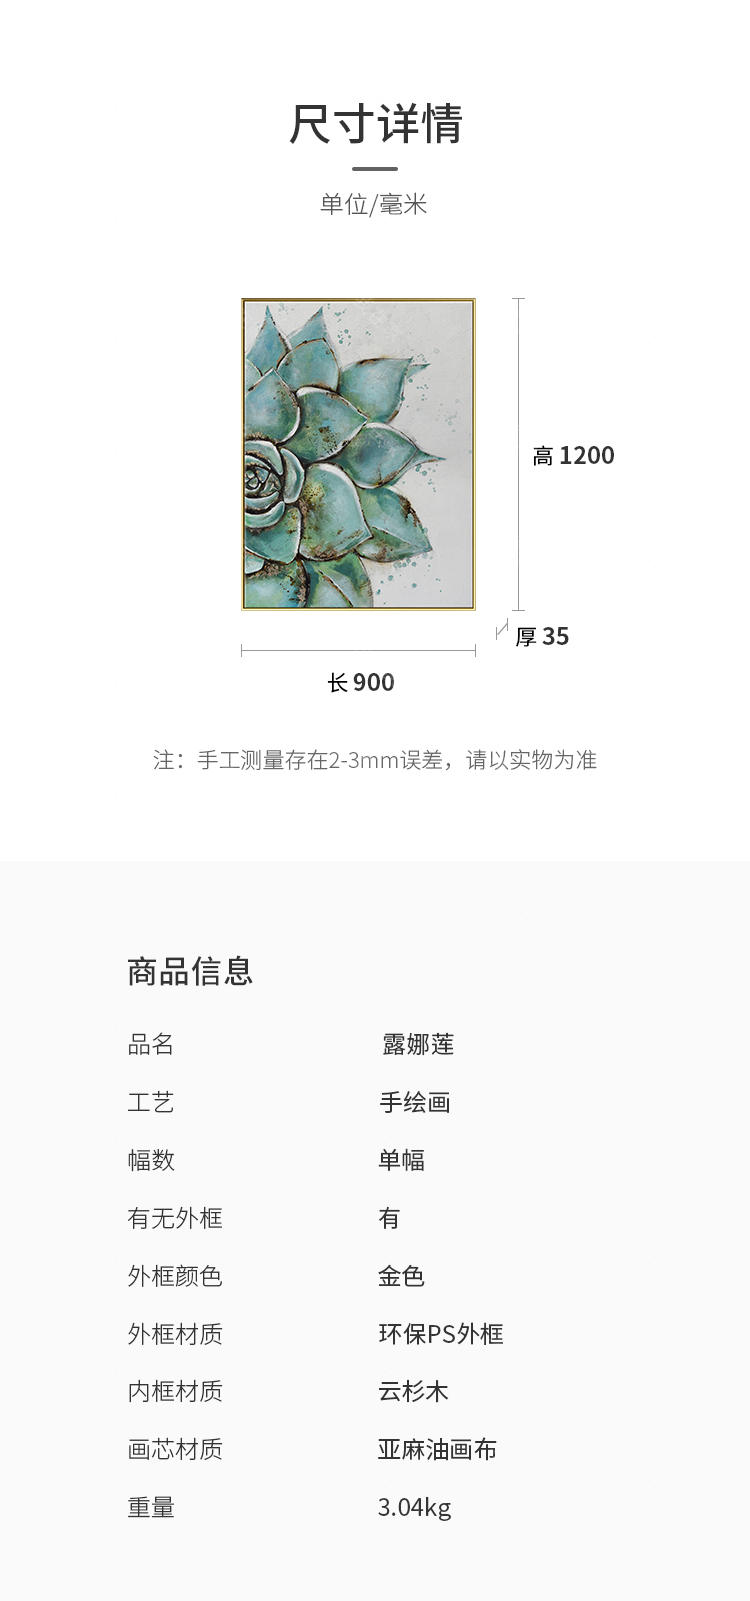 装饰画品牌露娜莲 清新多肉挂画的详细介绍